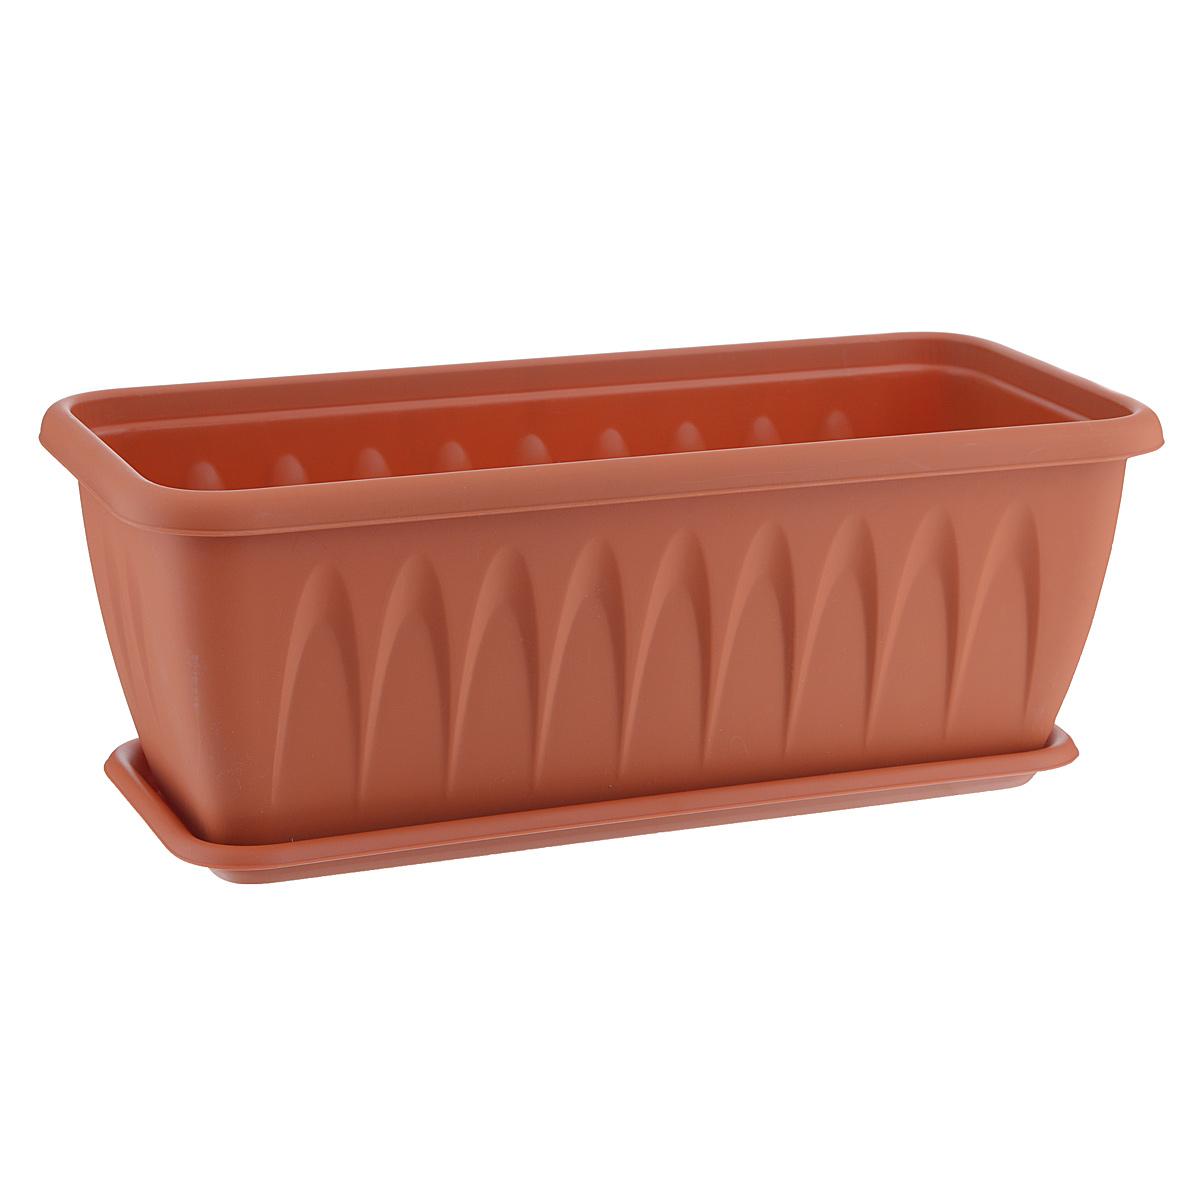 Балконный ящик Idea Алиция, с поддоном, 40 х 18 смGA433-2Балконный ящик Idea Алиция изготовлен из прочного полипропилена (пластика). Снабжен поддоном для стока воды. Изделие прекрасно подходит для выращивания рассады, растений и цветов в домашних условиях.